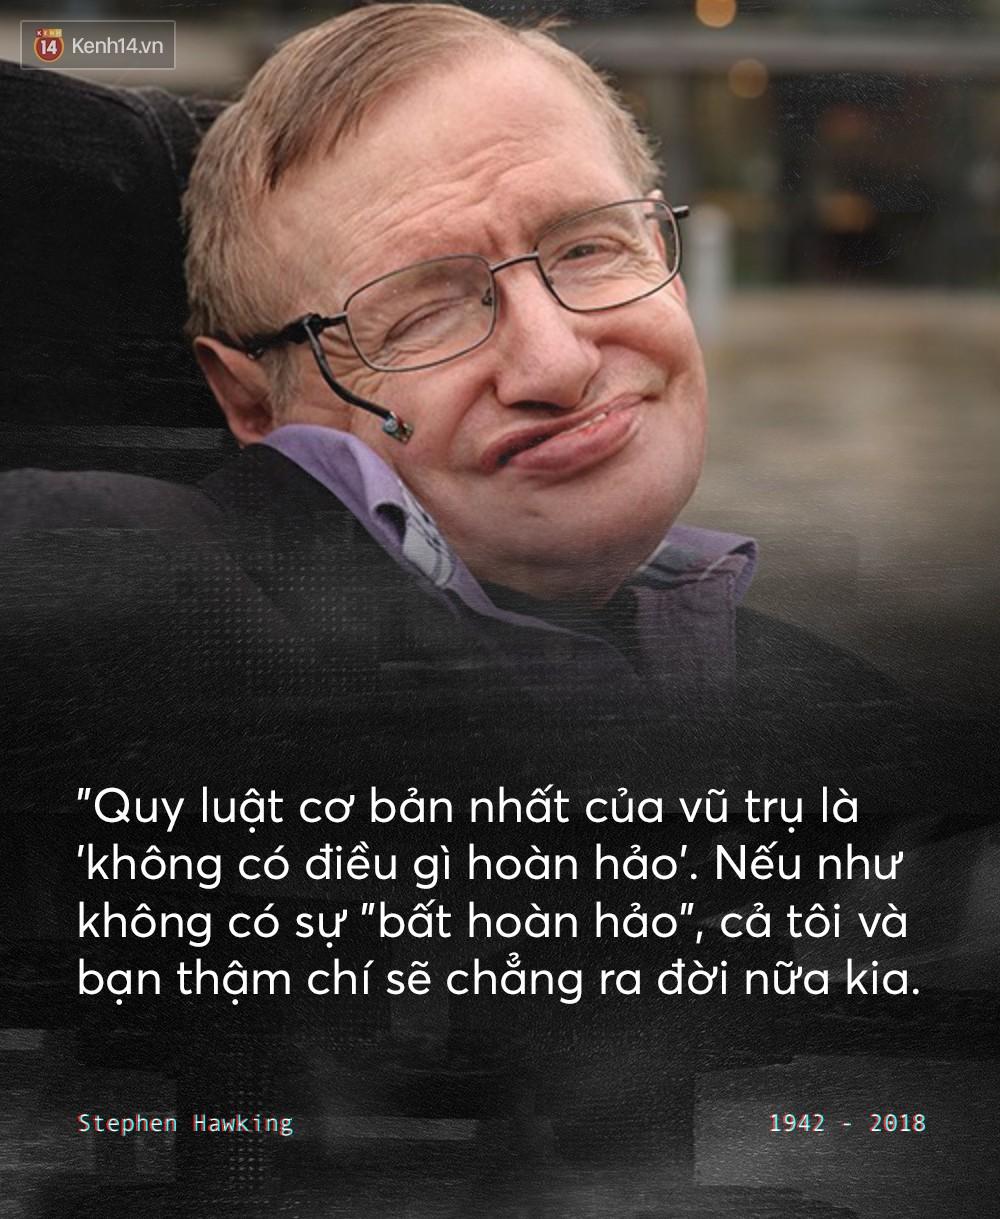 Những câu nói để đời của Stephen Hawking: Từ suy nghĩ giản đơn về cuộc đời cho tới triết lý mang tầm vũ trụ - Ảnh 10.